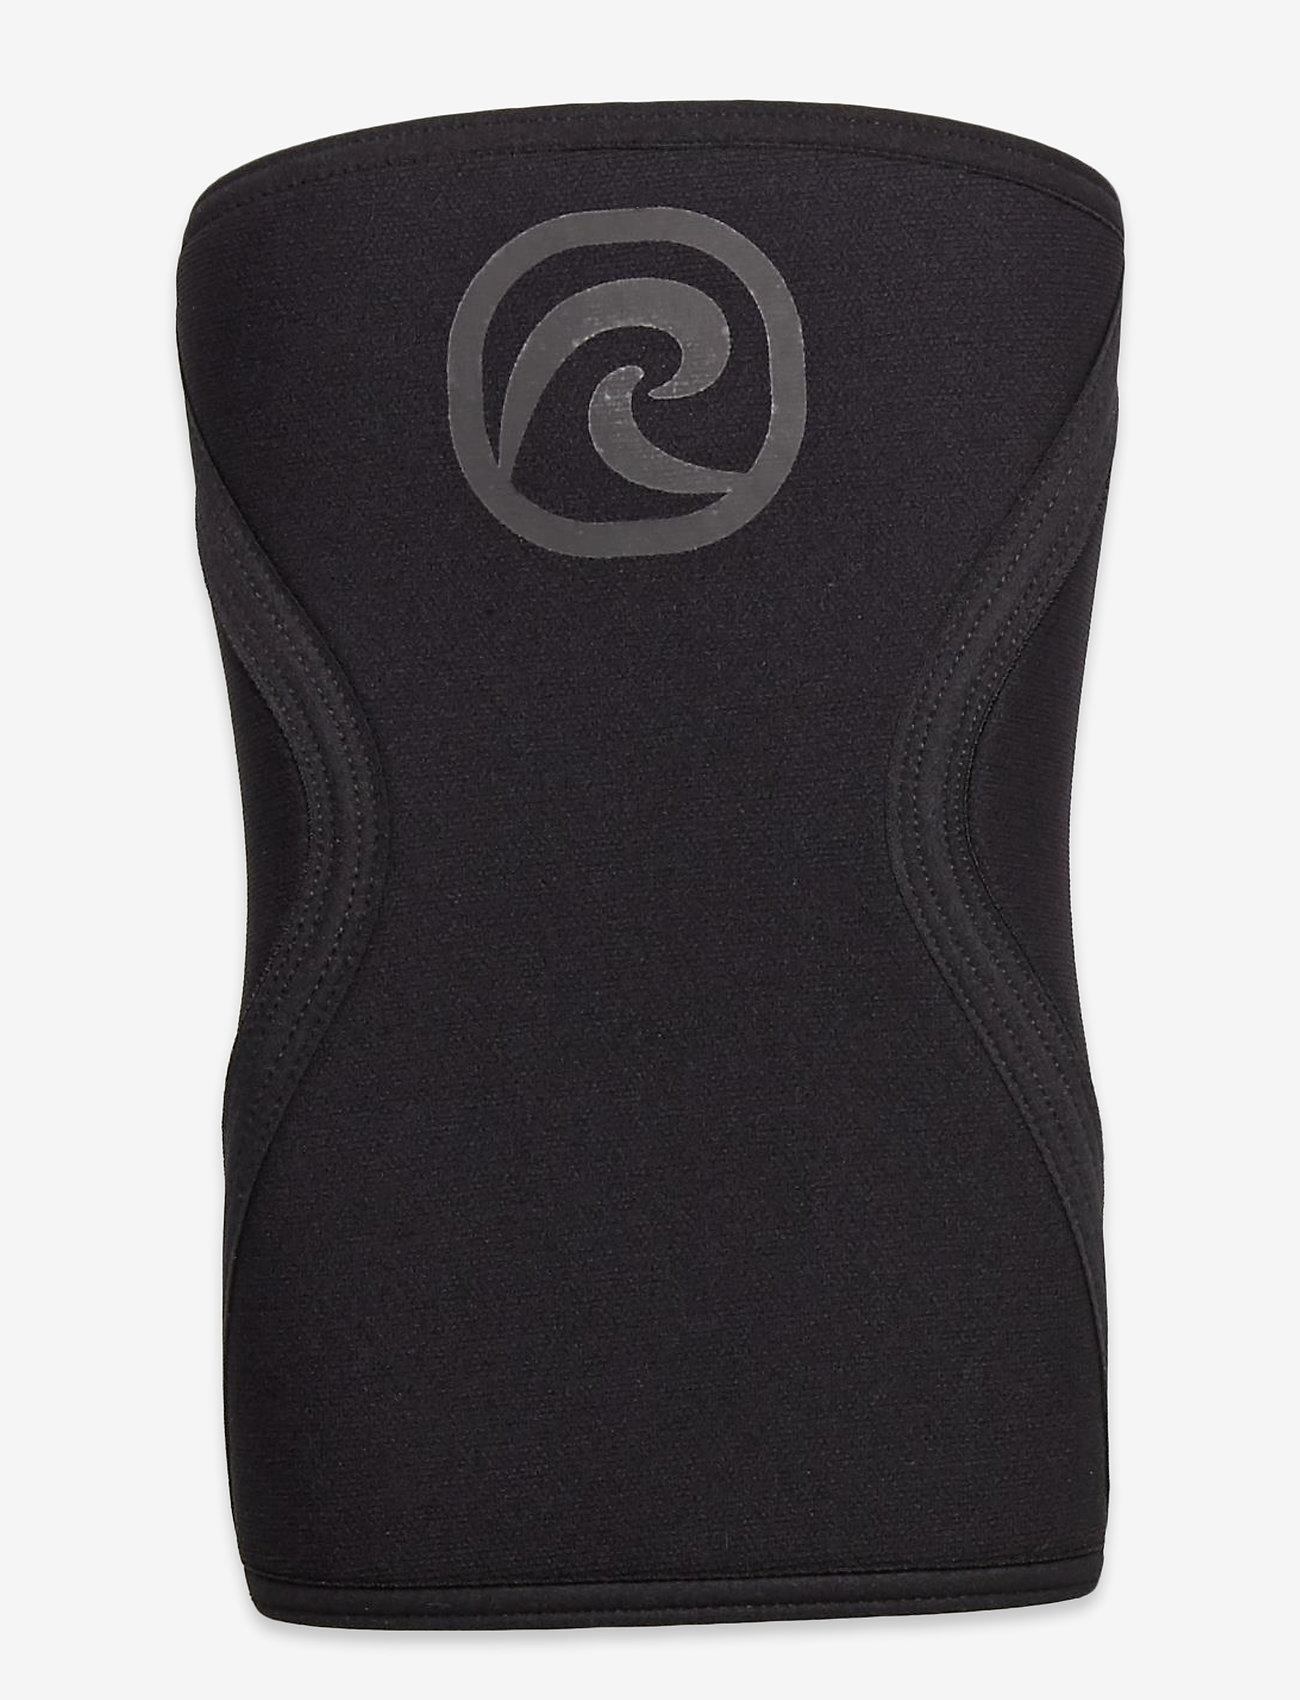 Rehband - RX Knee-Sleeve 7mm - knestøtte - carbon black - 1